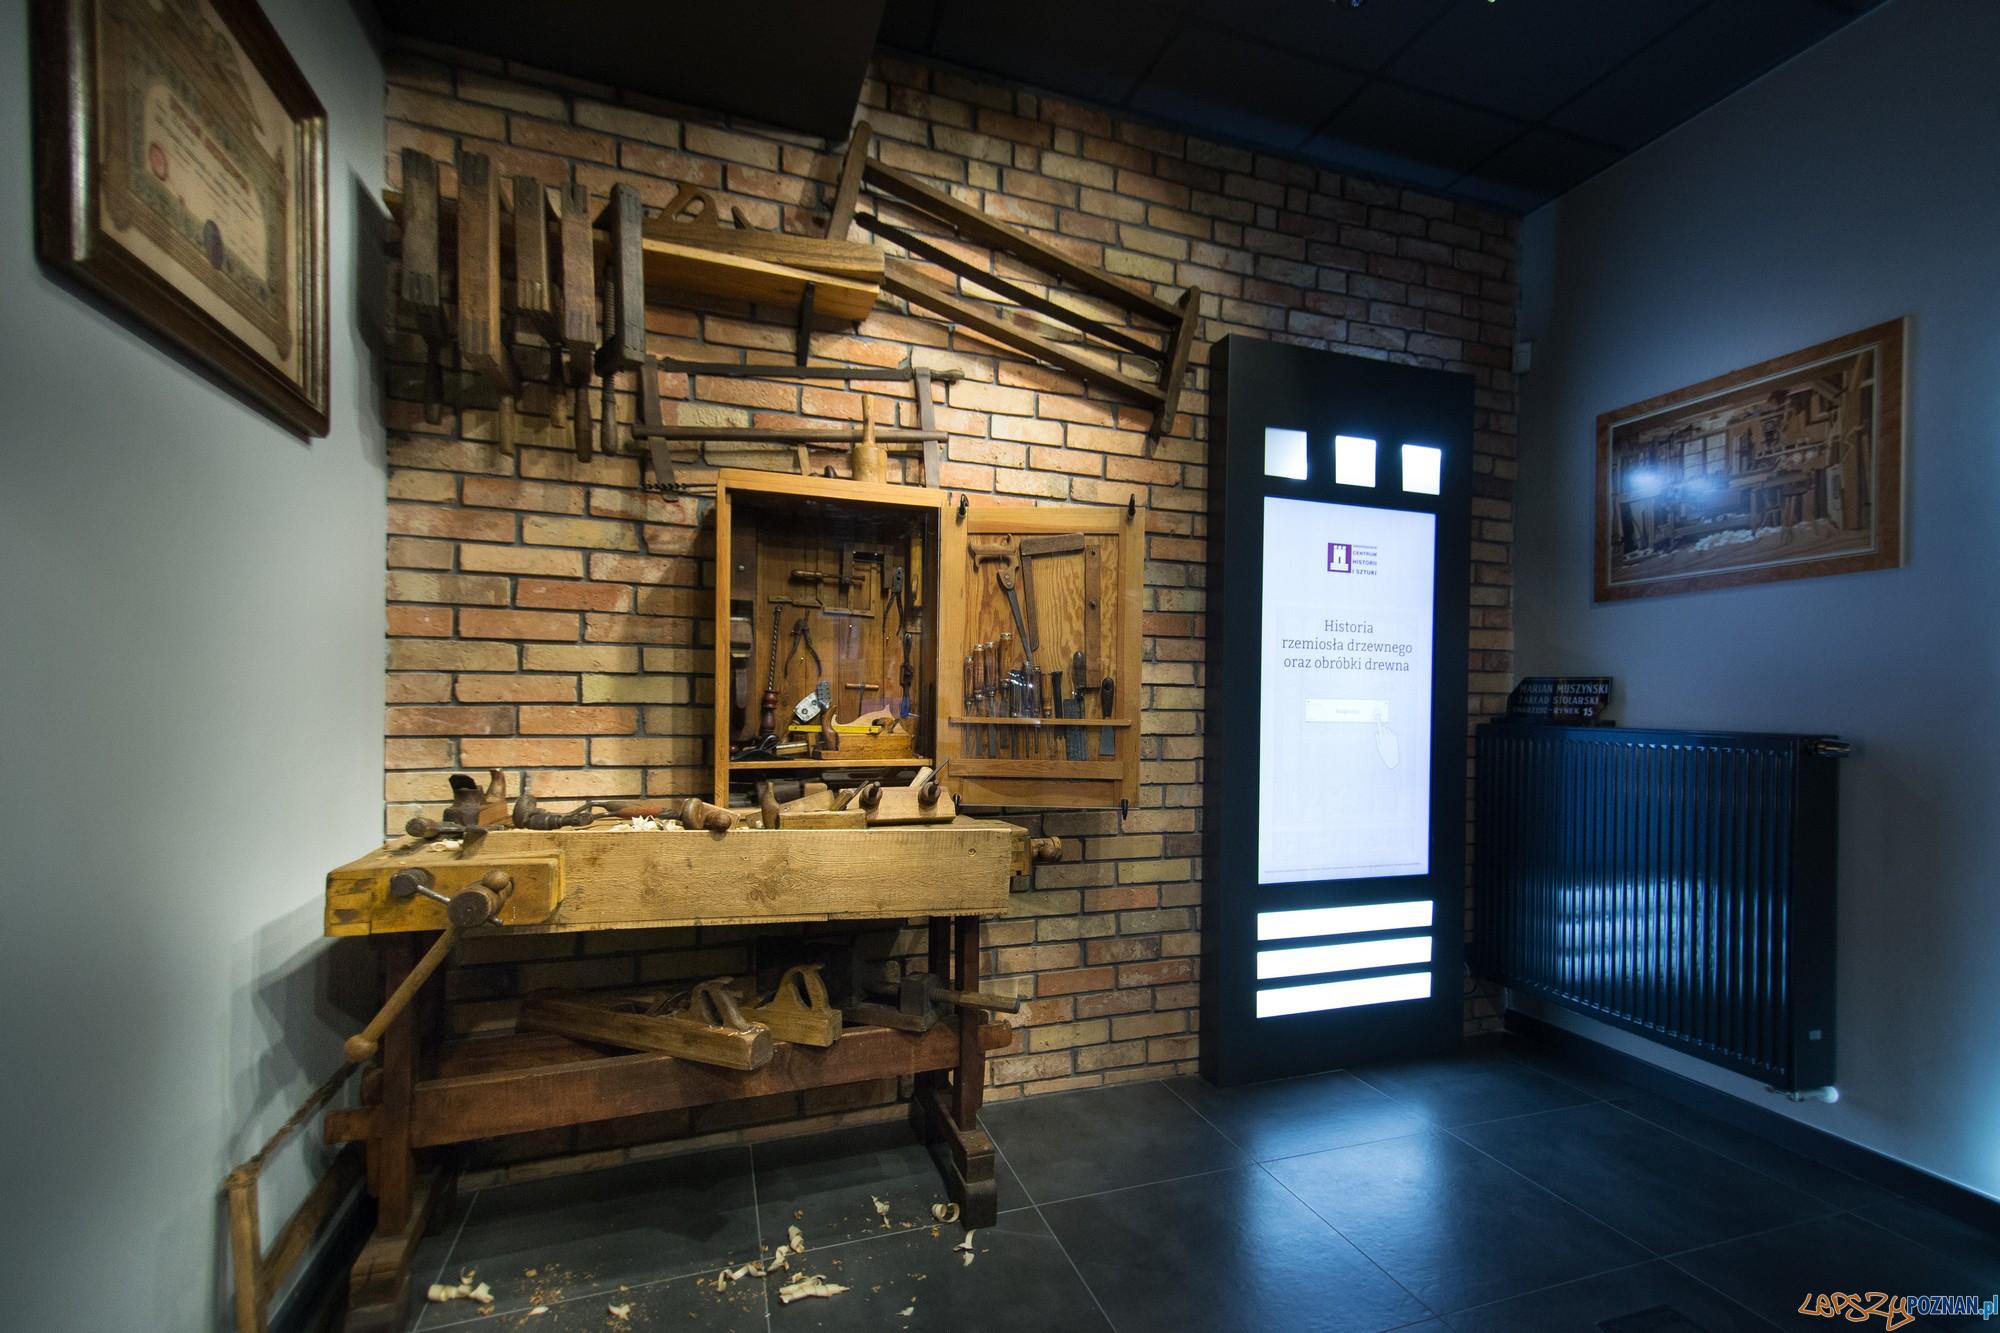 Ekspozycja stolarska Swarzйdzkiego Centrum Historii i Sztuki 3(fot. Jakub Pindych PLOT)  Foto: materiały prasowe PLOT